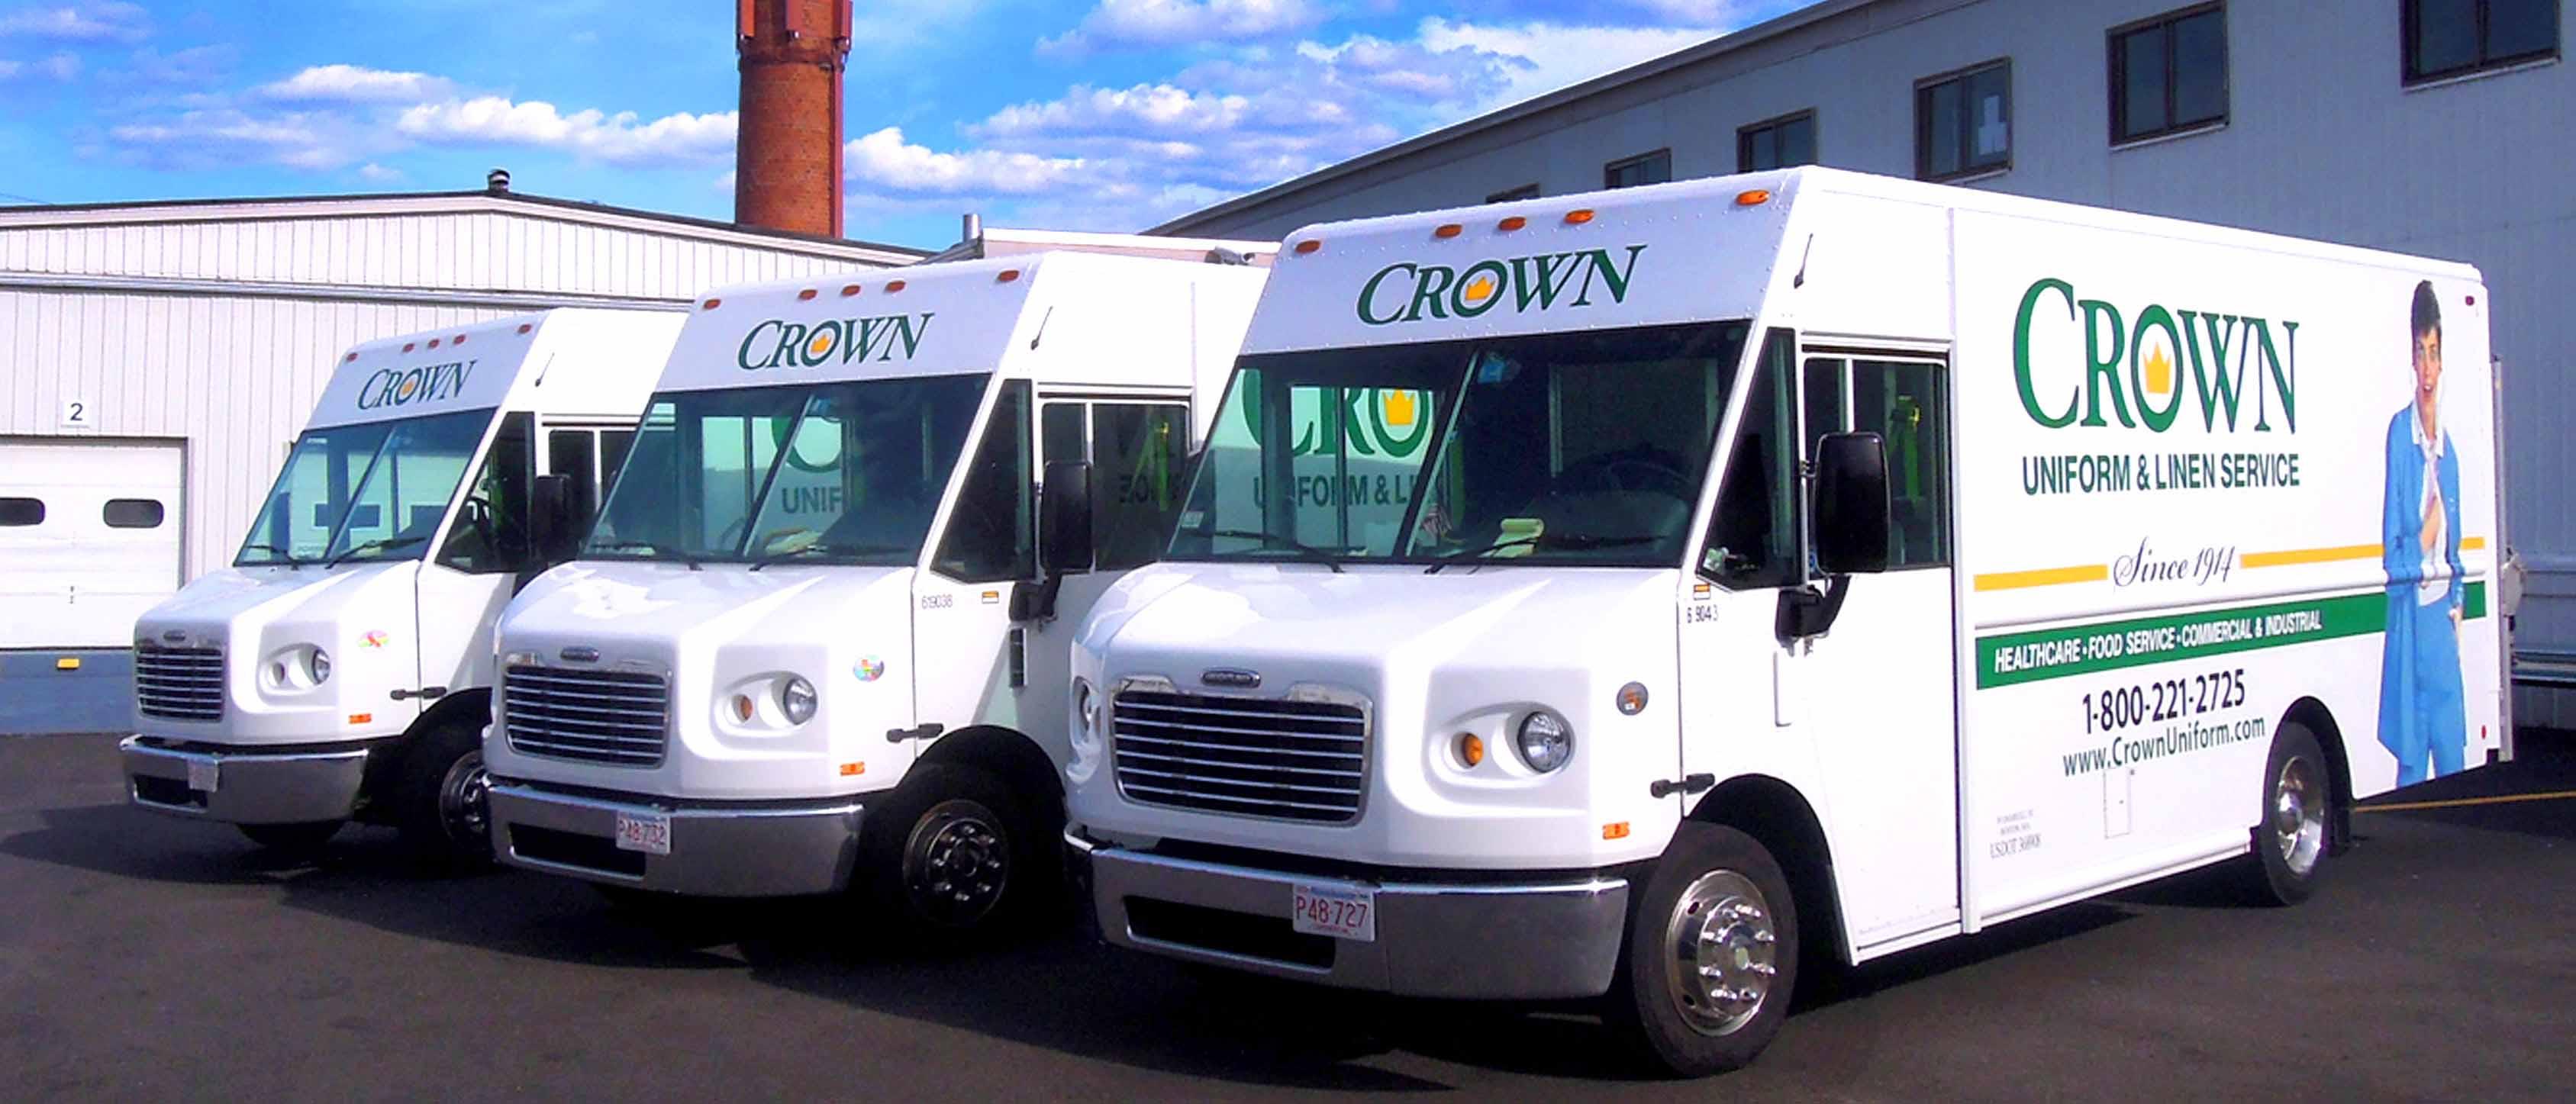 Three parked CROWN Uniform & Linen Service trucks